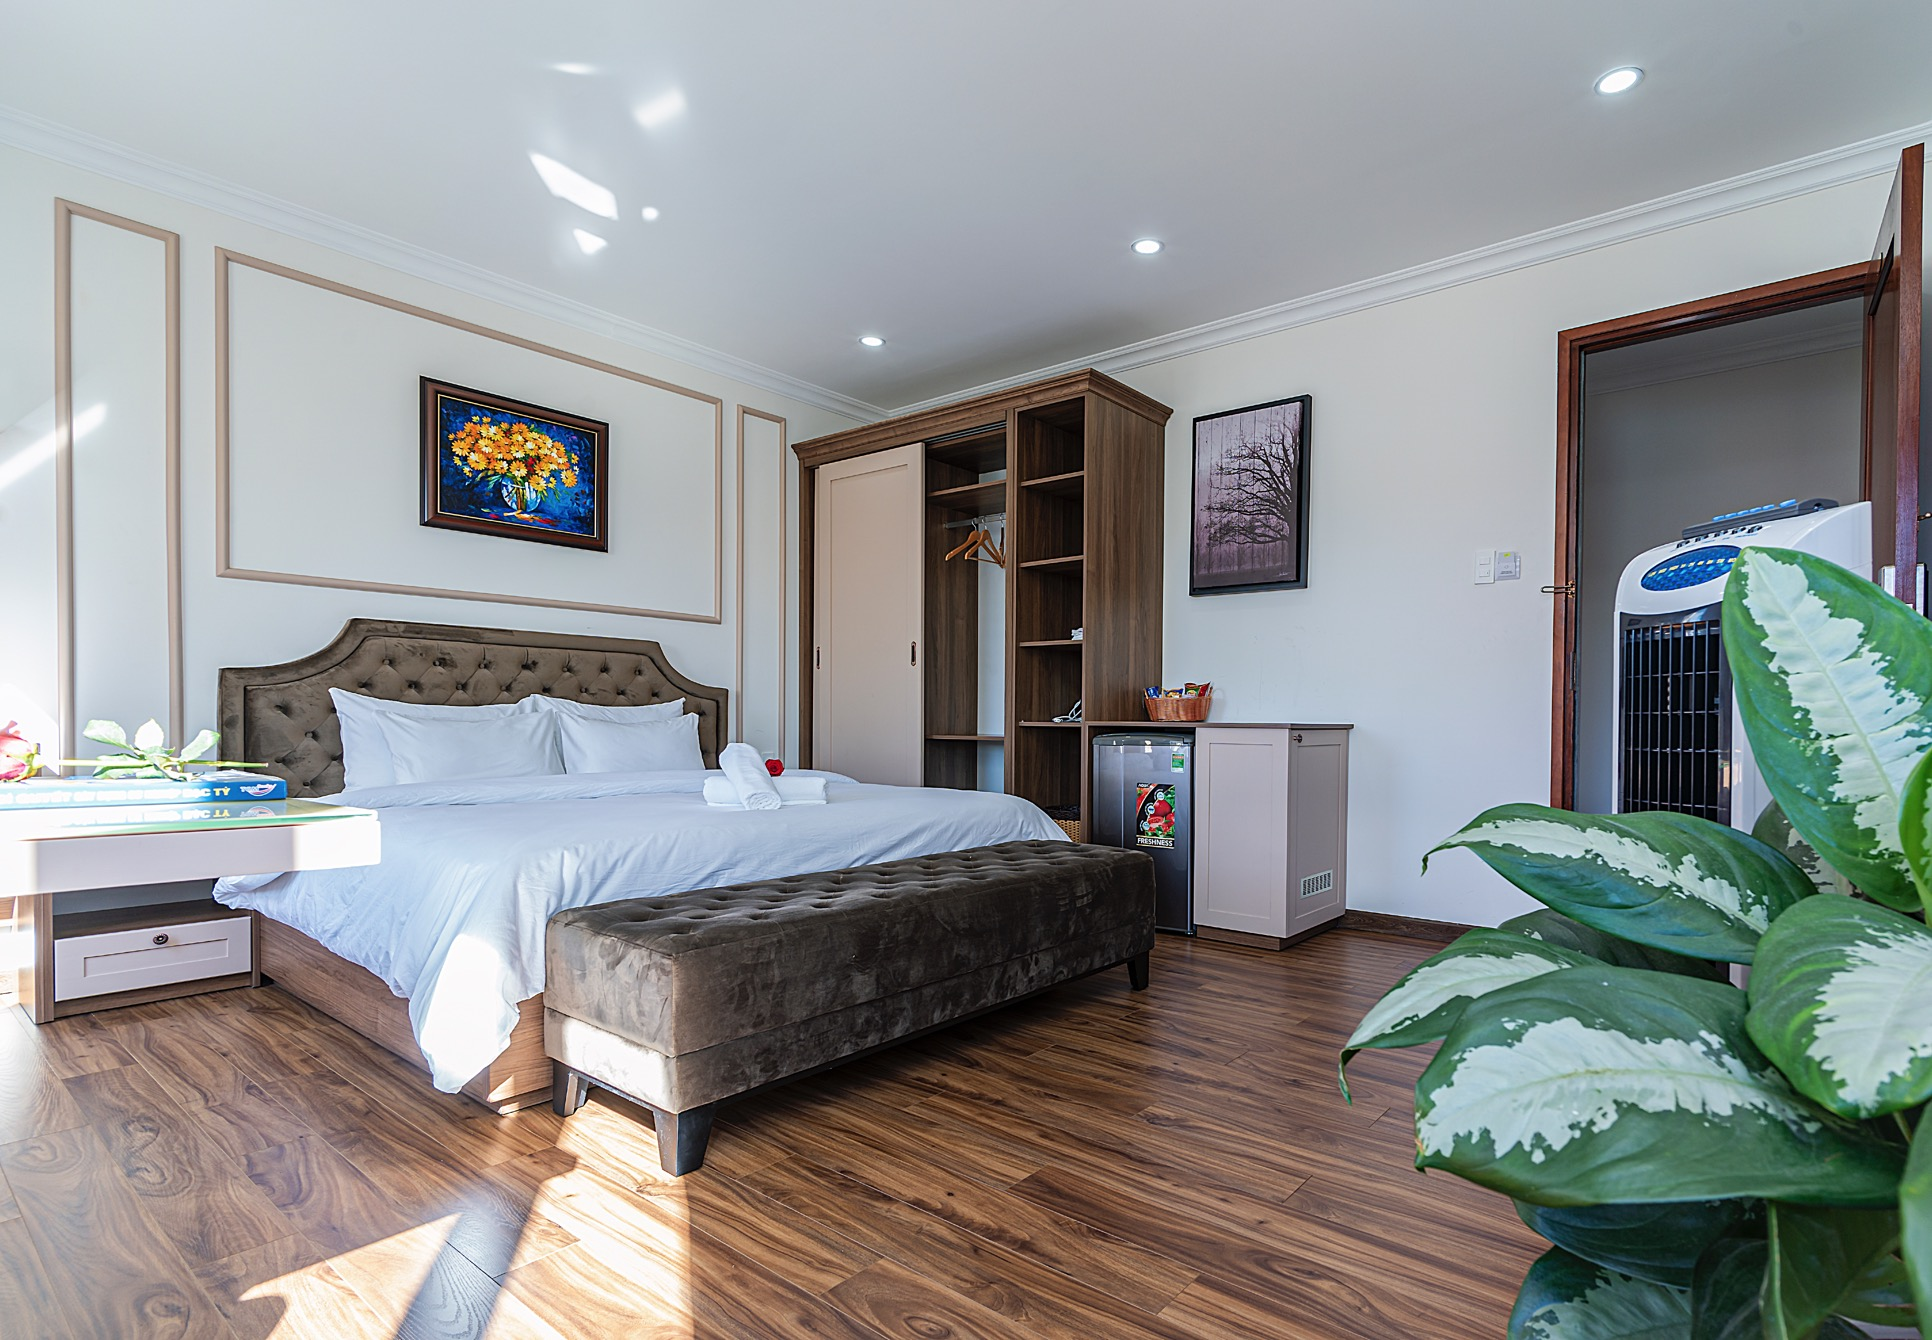 N'Queen Villa: Studio Double - Căn hộ Studio cho thuê ở 2769, Đà Lạt, Lâm Đồng, Vietnam